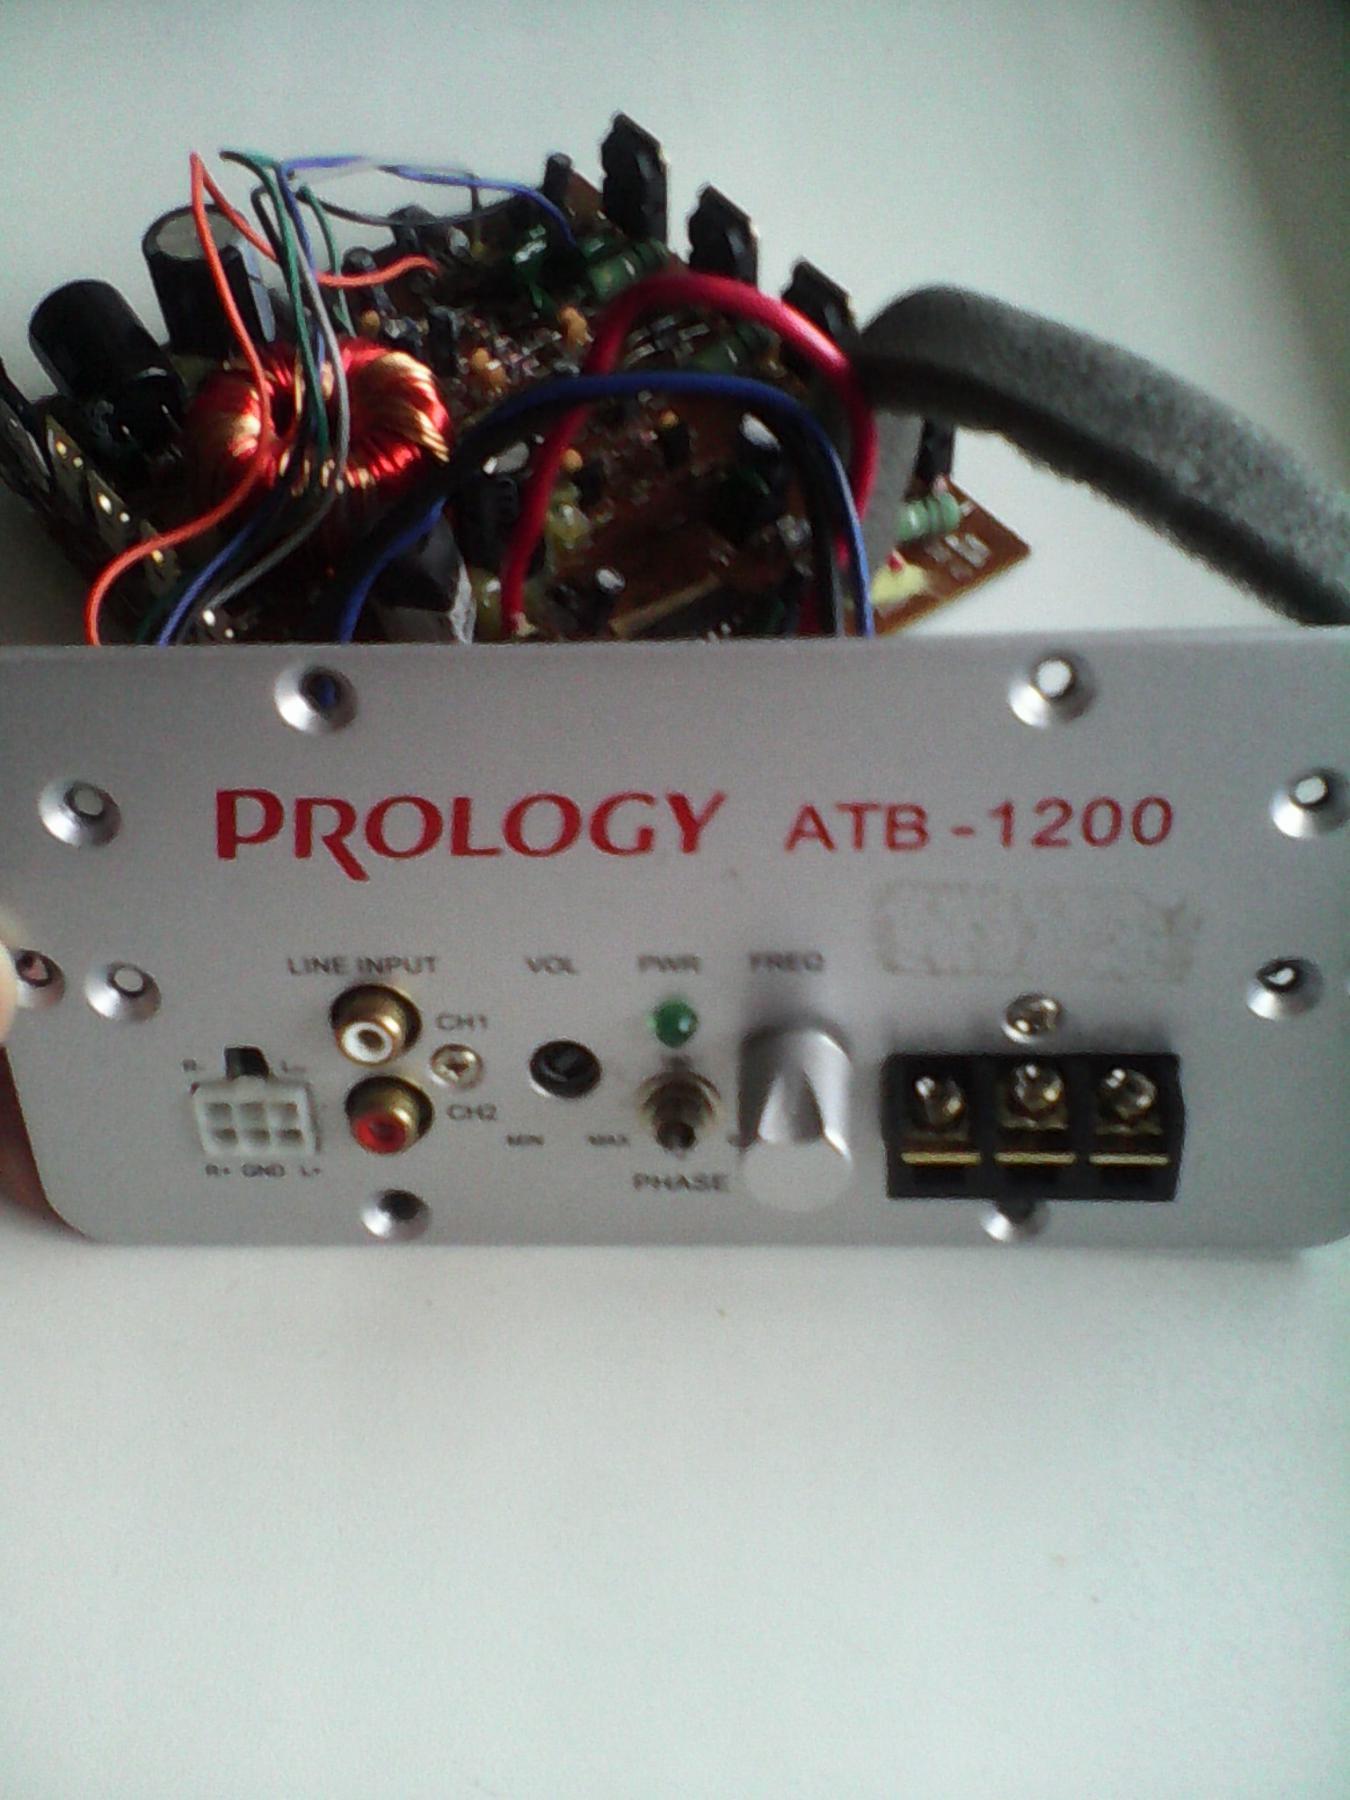 prology atb-1200 схема